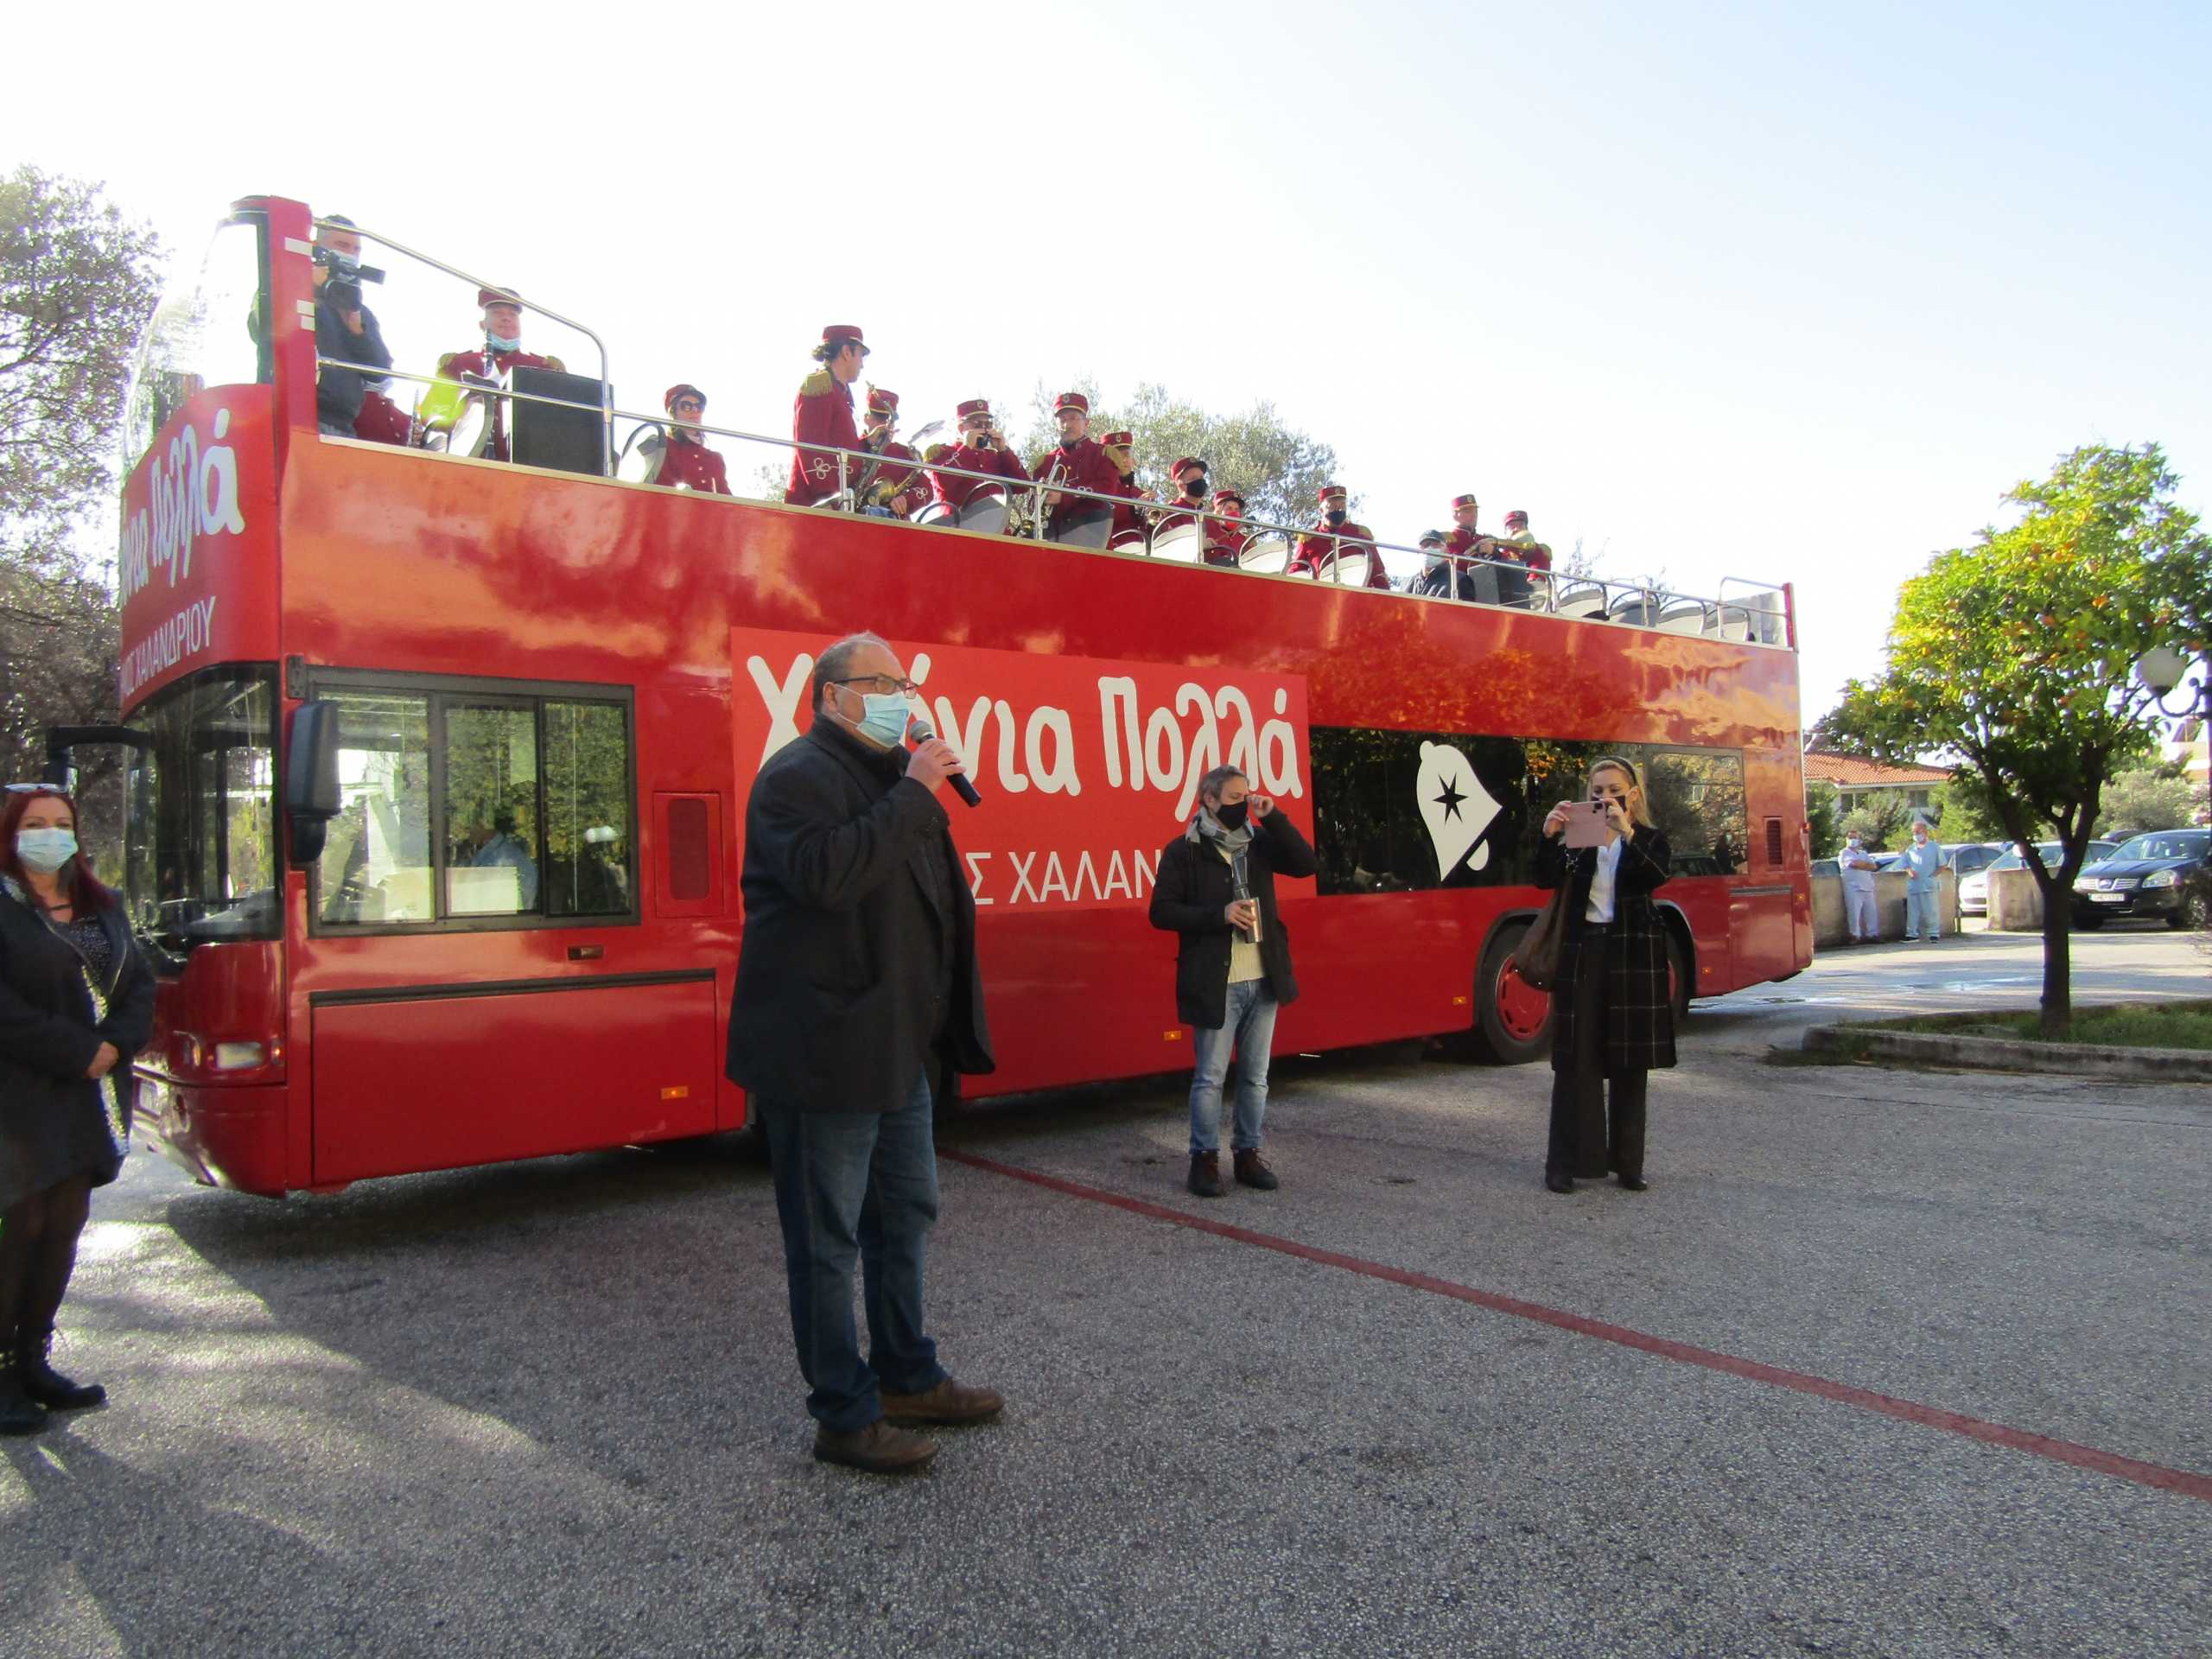 Η Φιλαρμονική του Δήμου Χαλανδρίου έφερε νότα χαράς στο Σισμανόγλειο